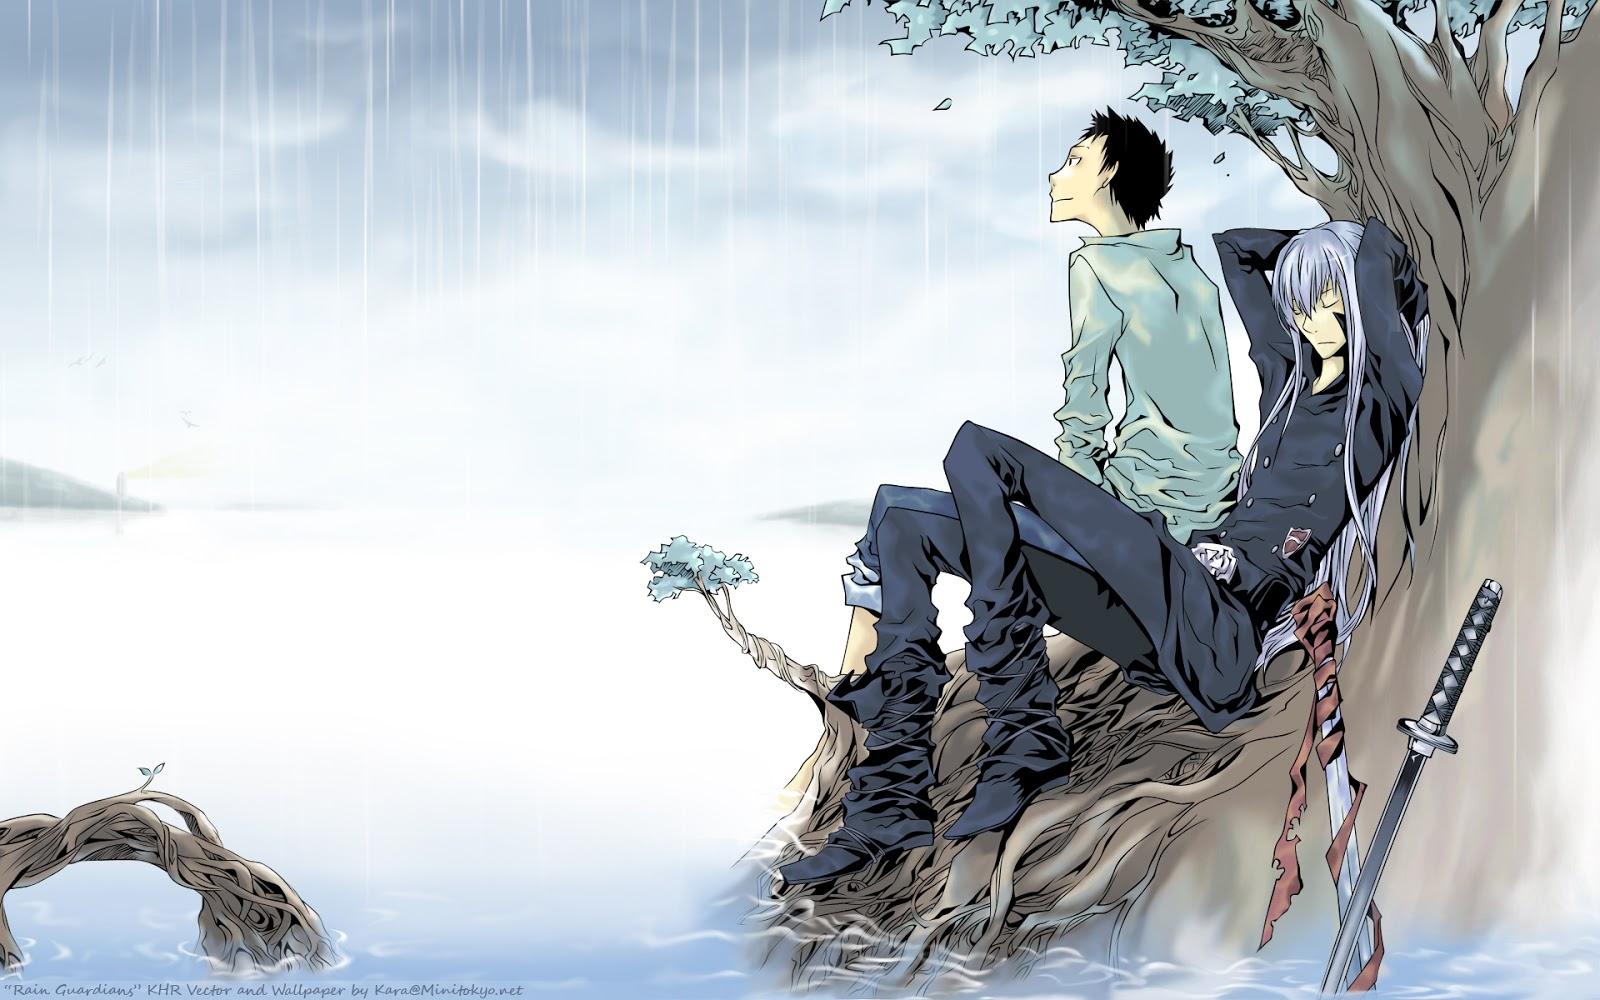 Katekyo Hitman Reborn Takeshi Yamamoto Superbi Squalo Anime Sword 1600x1000